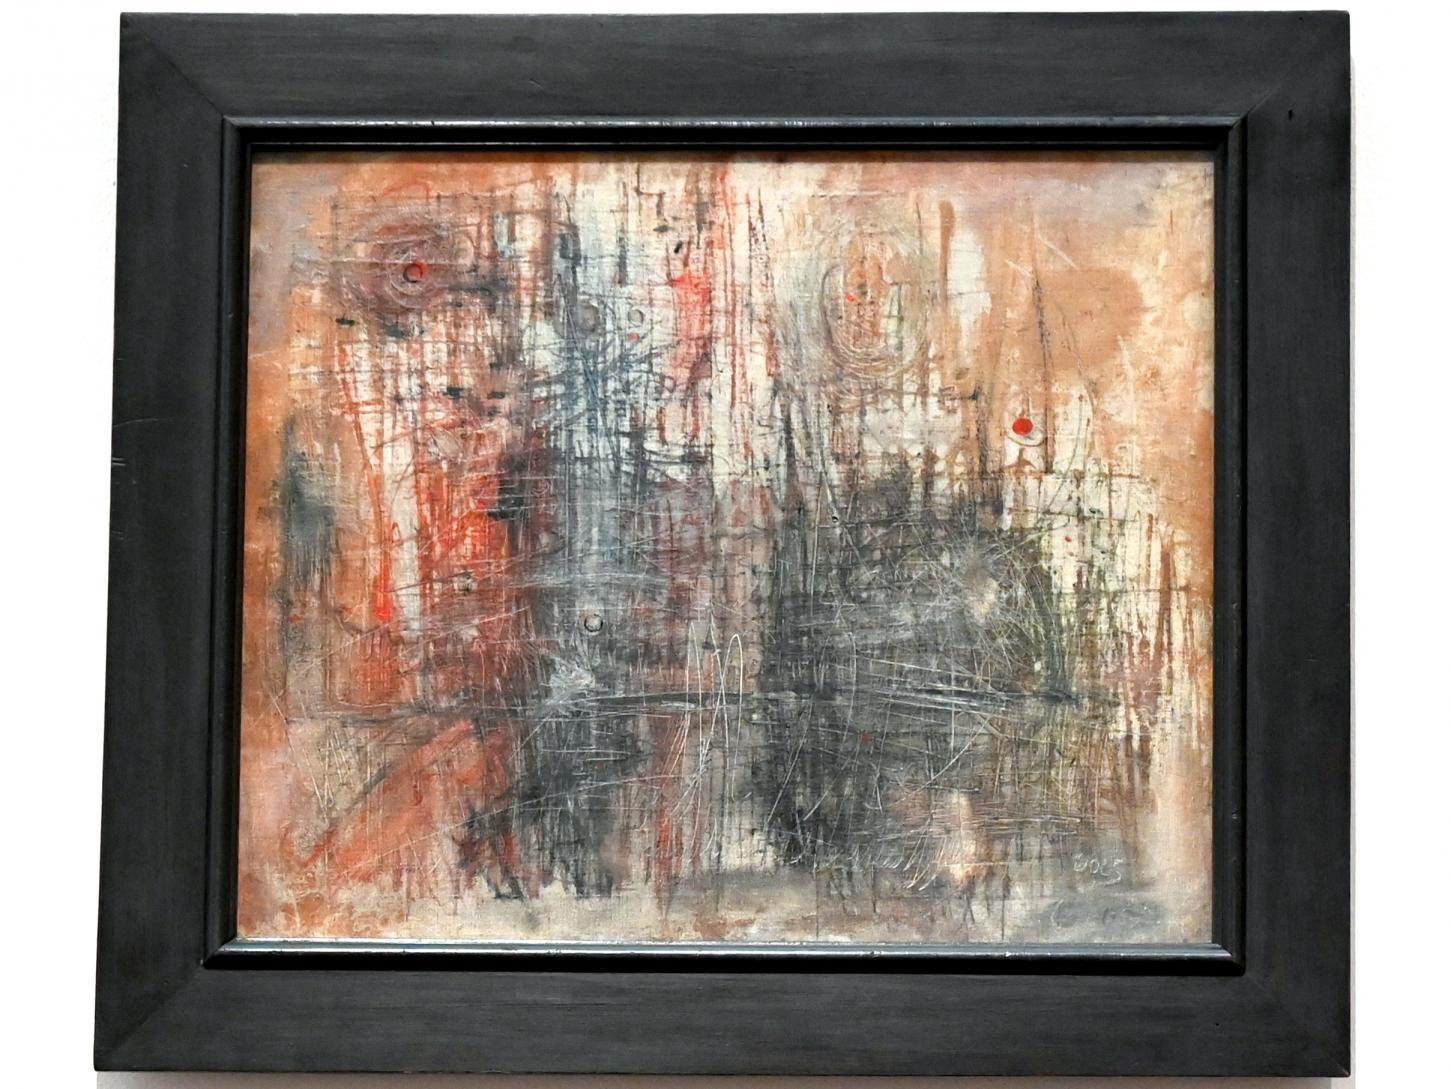 Wols ( Alfred Otto Wolfgang Schulze): Komposition, 1946